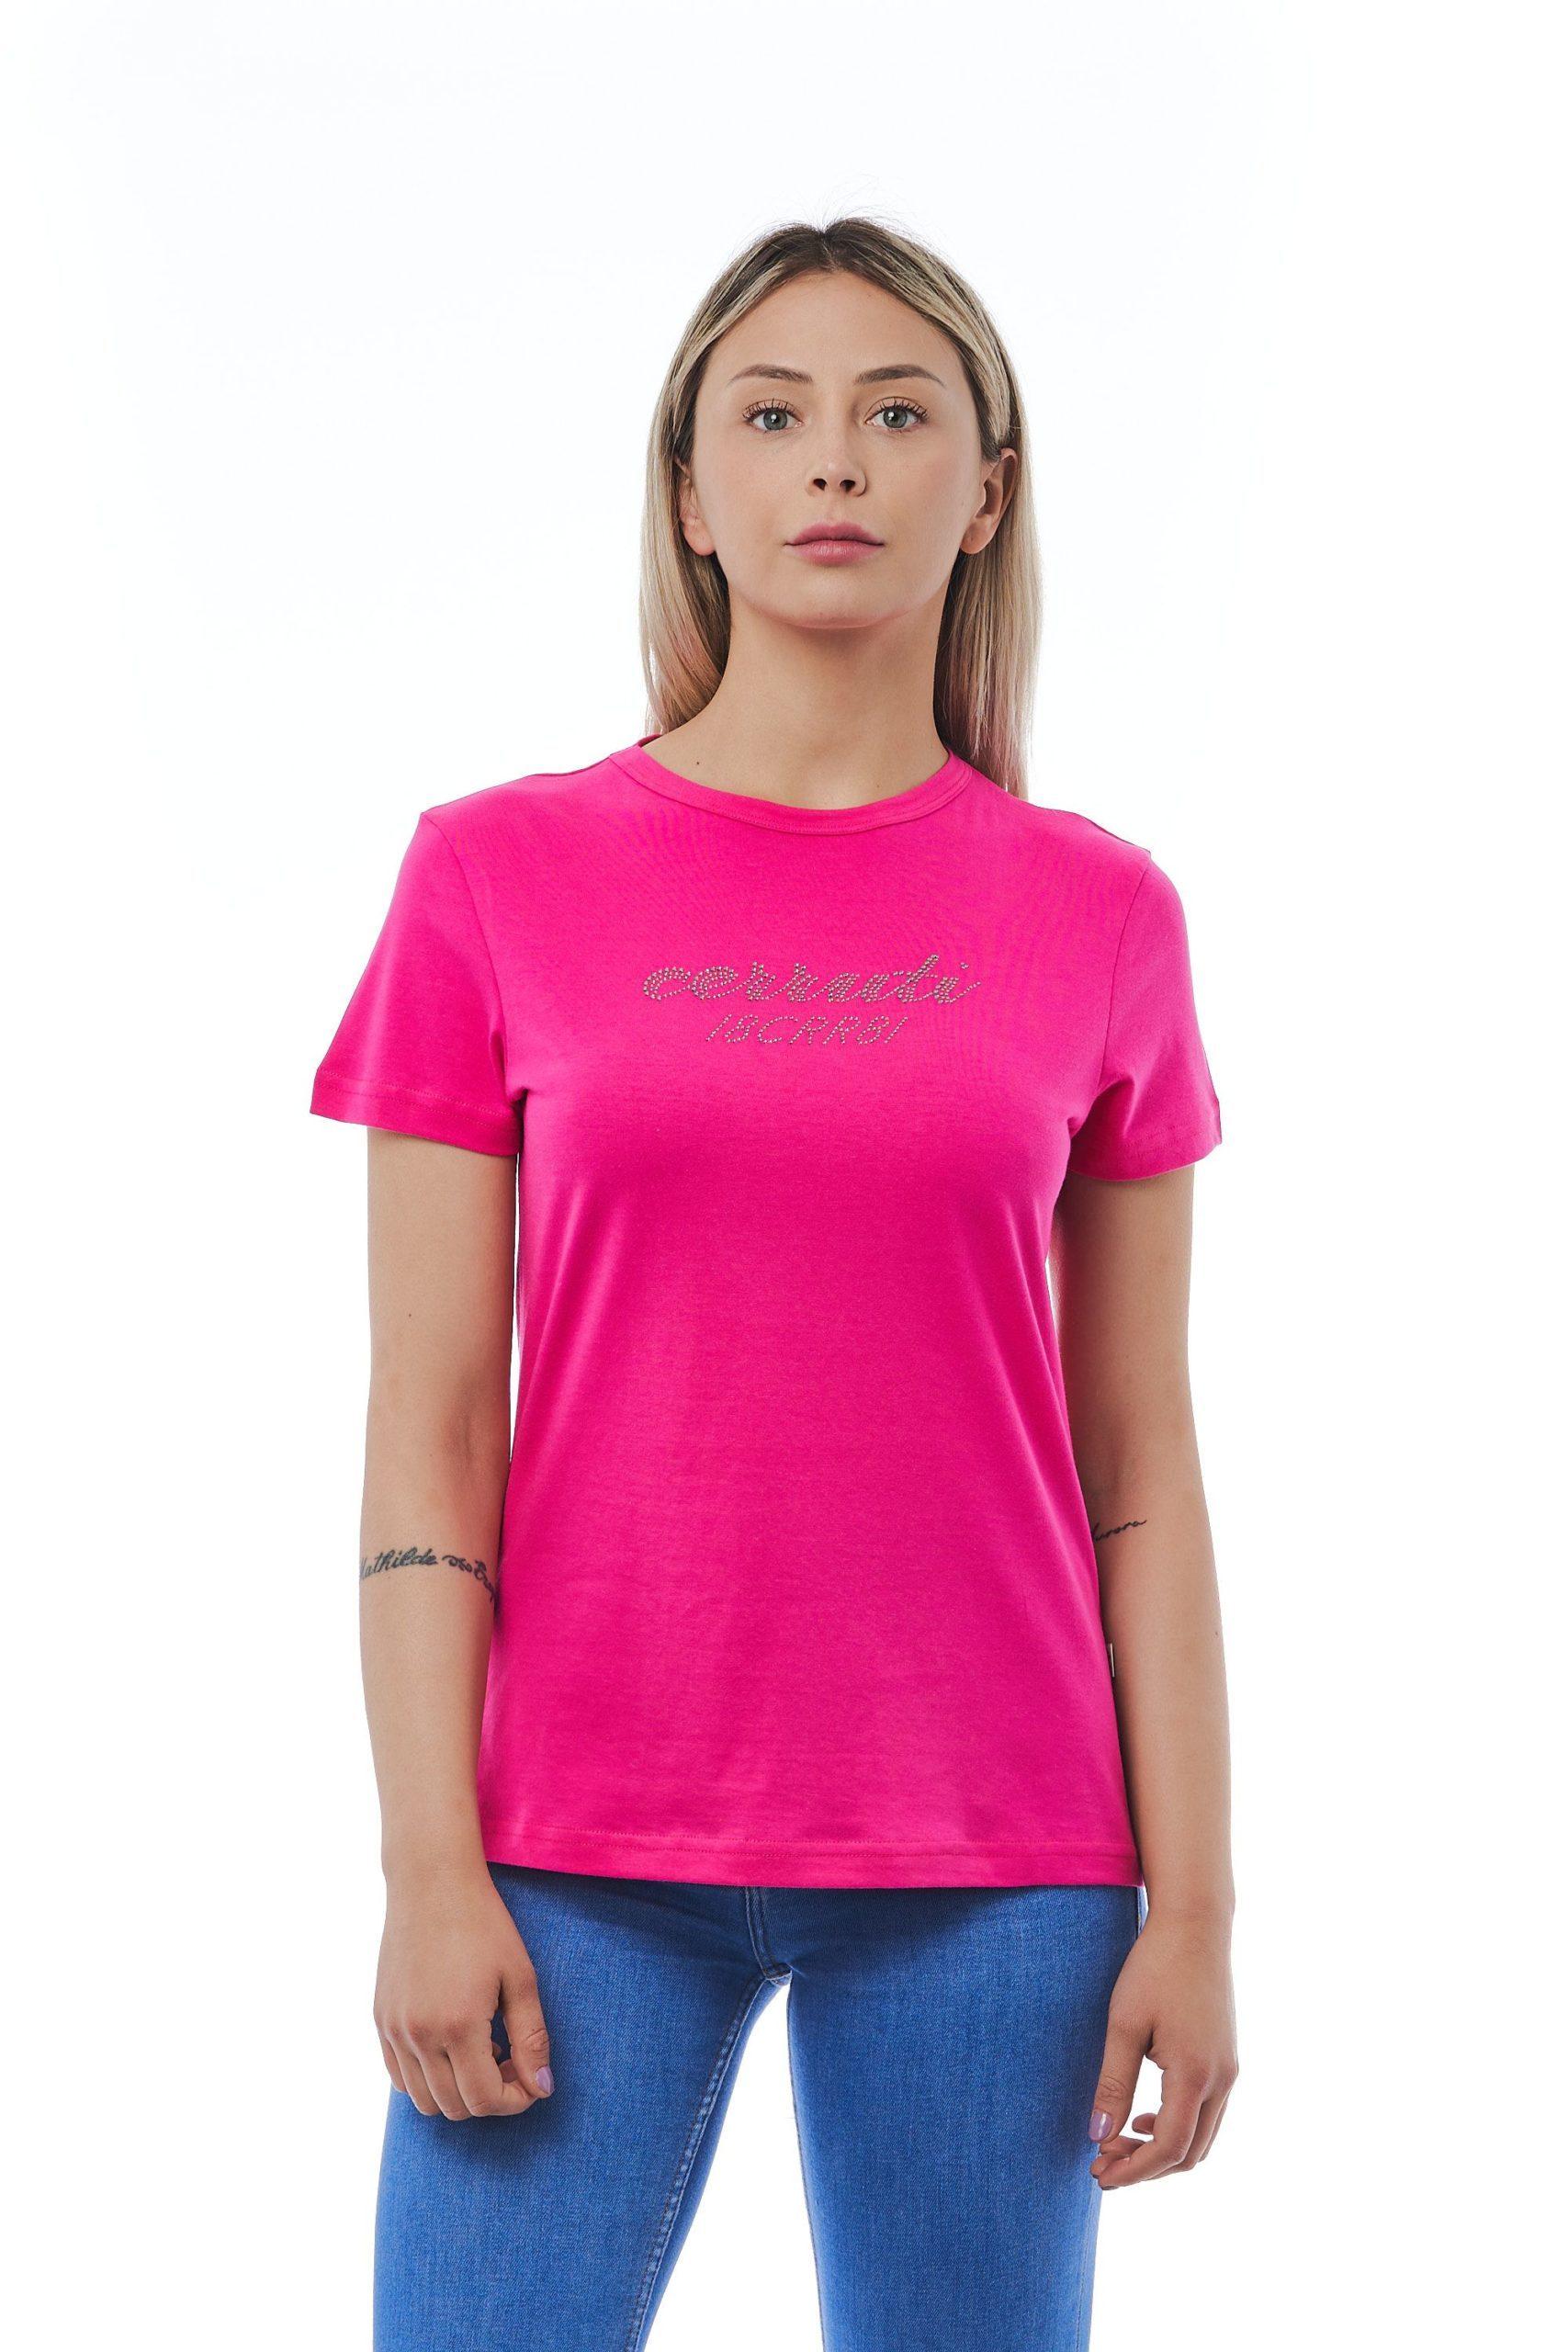 Cerruti 1881 Women's Fuxia T-Shirt Red CE1410207 - M